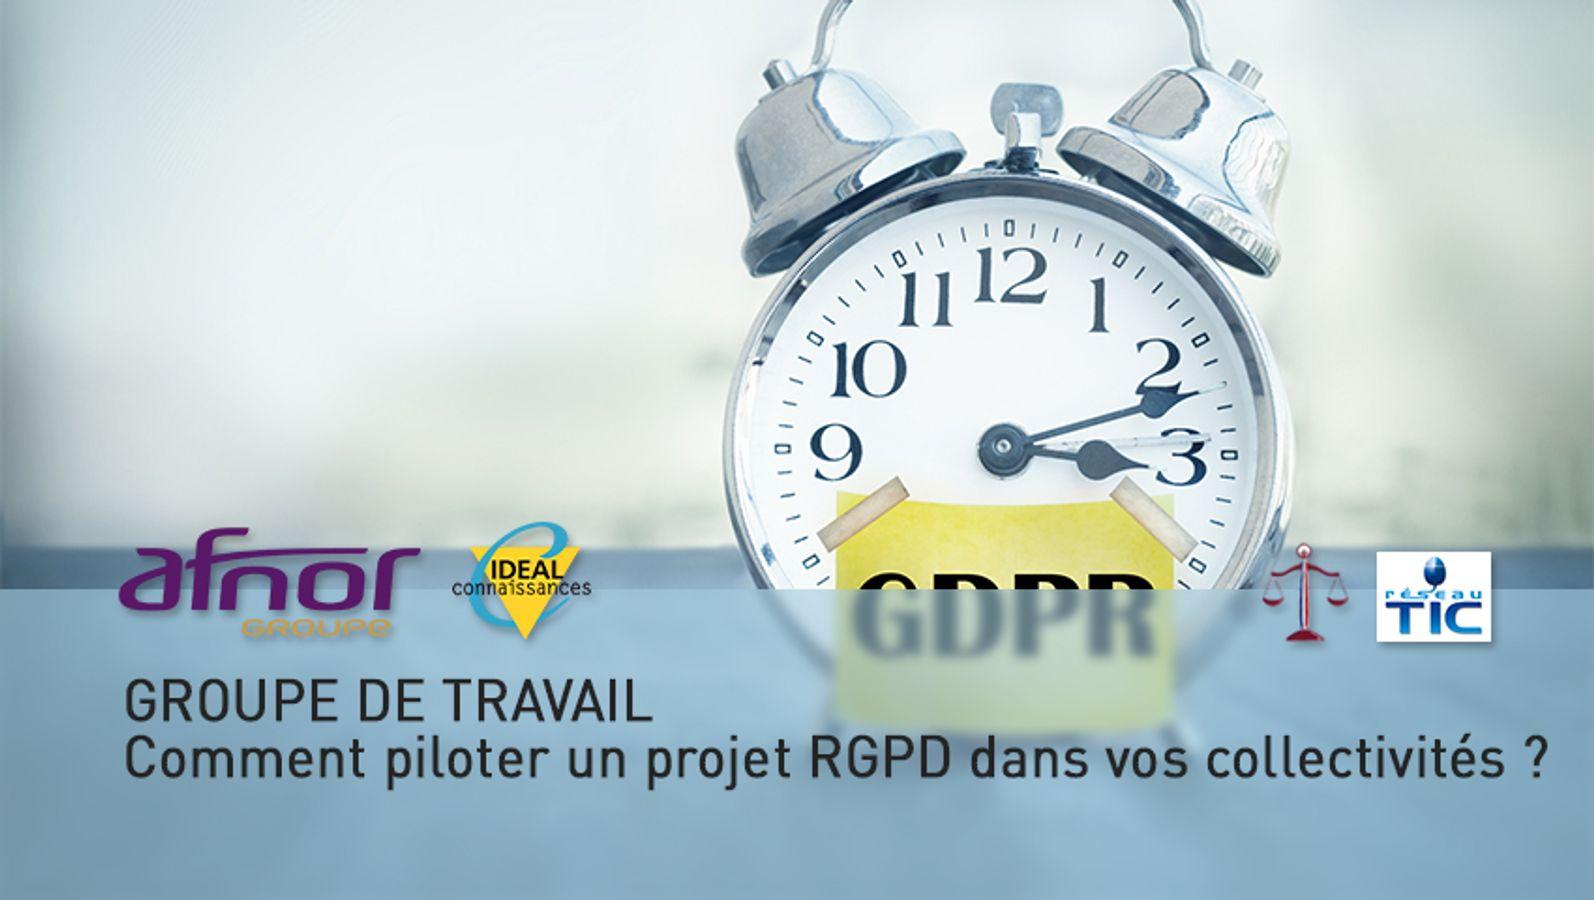 GROUPE DE TRAVAIL | Comment piloter un projet RGPD dans vos collectivités ?